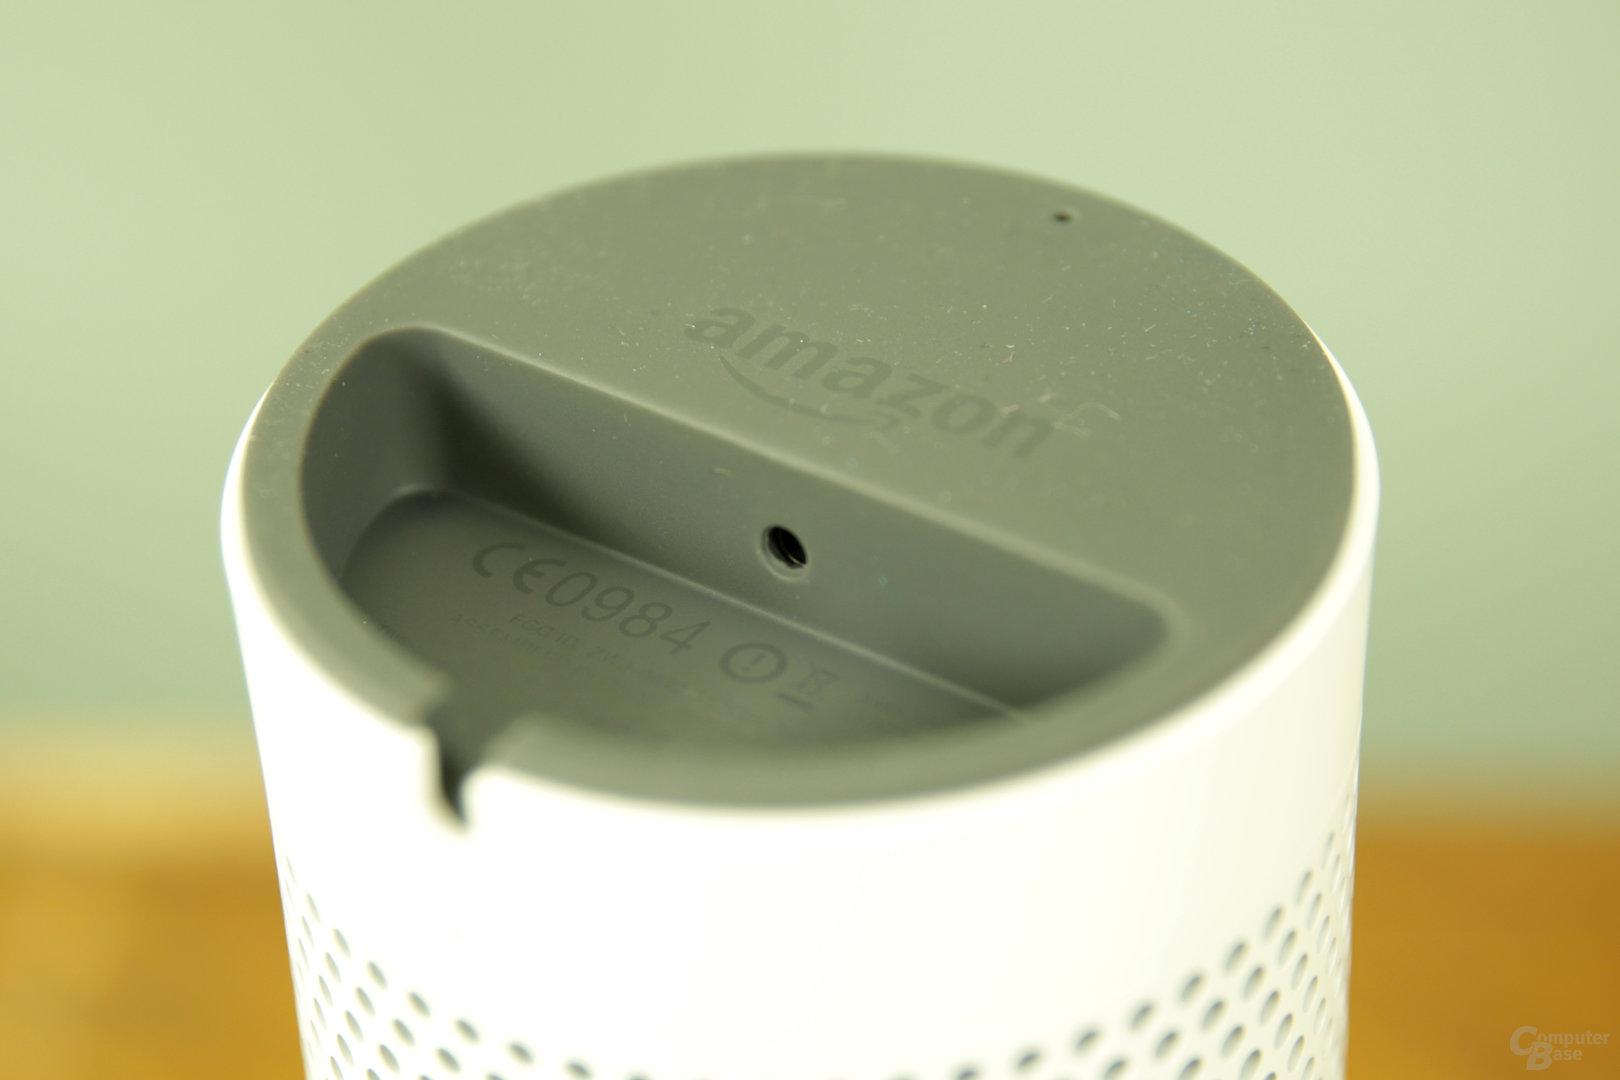 Amazon Echo – Unterseite mit Stromanschluss